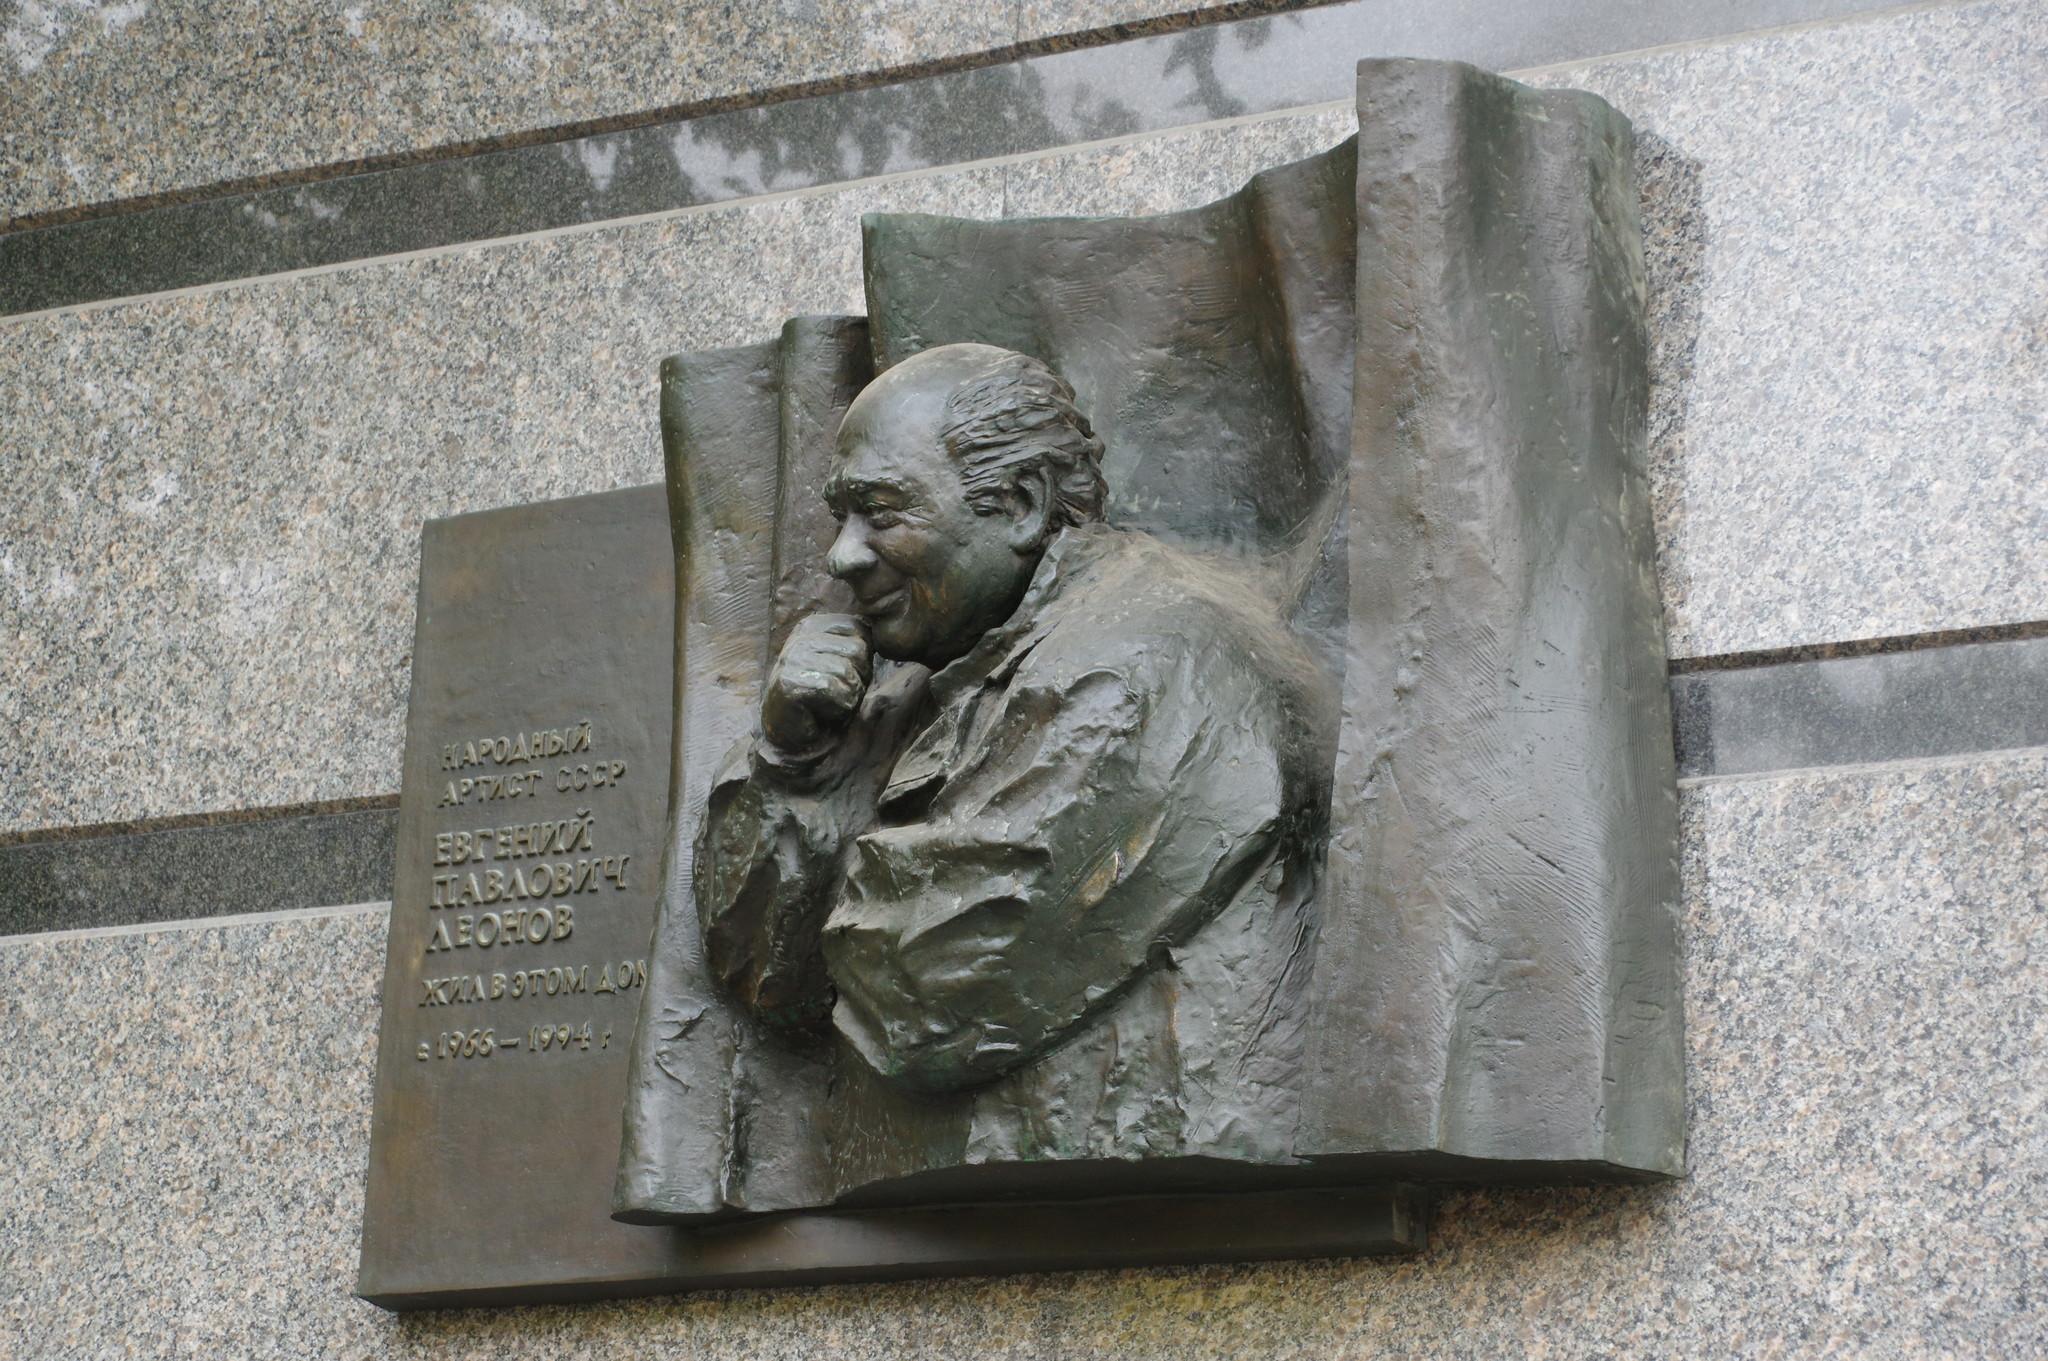 Мемориальная доска на фасаде дома (Комсомольский проспект, дом 37/14), где с 1966 года по 1994 год жил Народный артист СССР Евгений Павлович Леонов